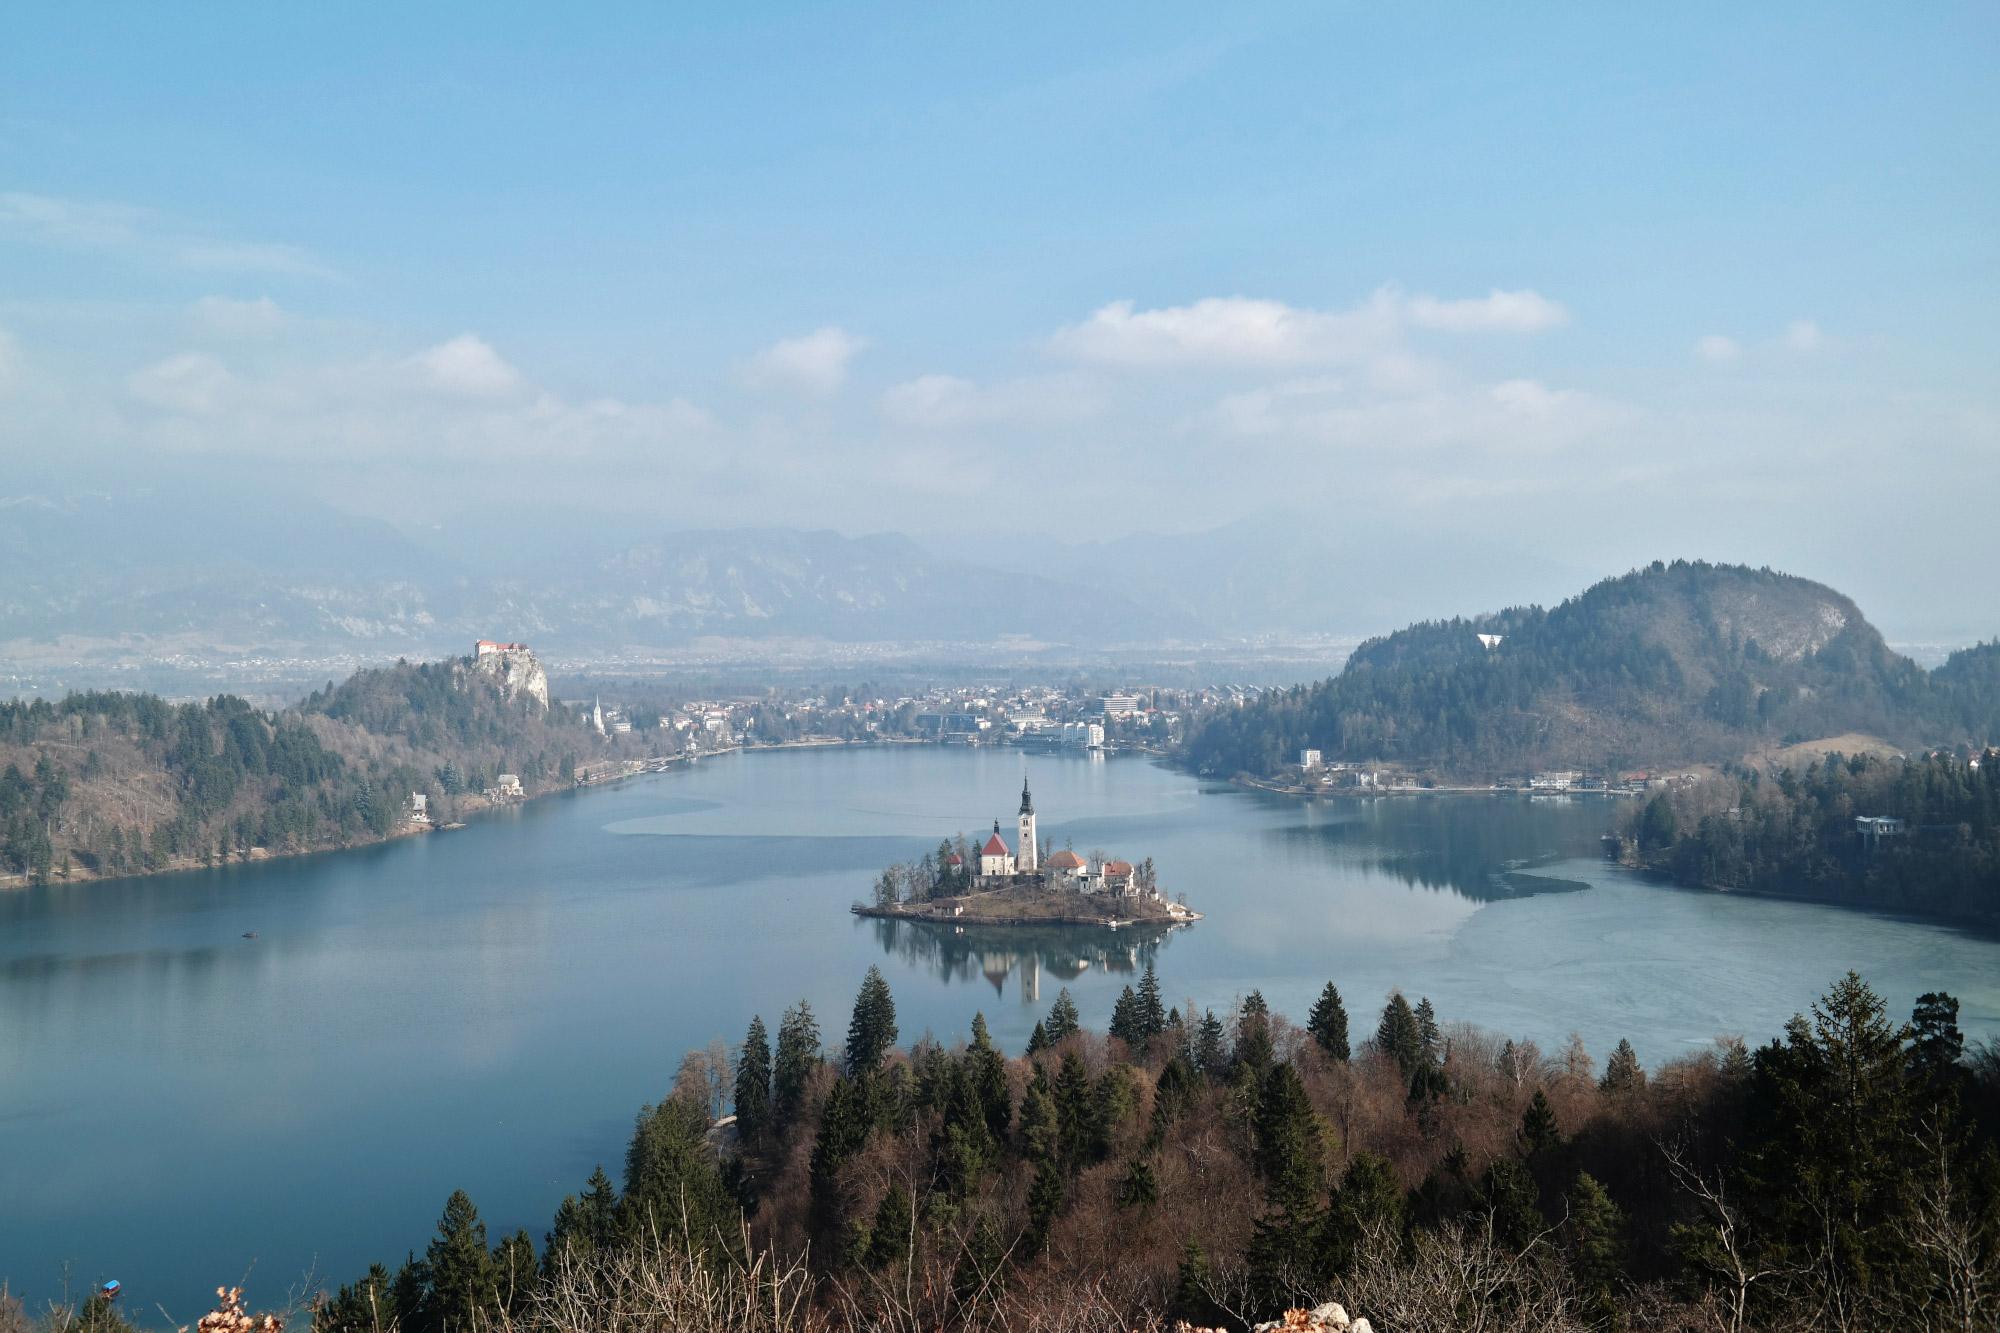 Janna - Uitzichtpunt op wandeling rond Meer van Bled